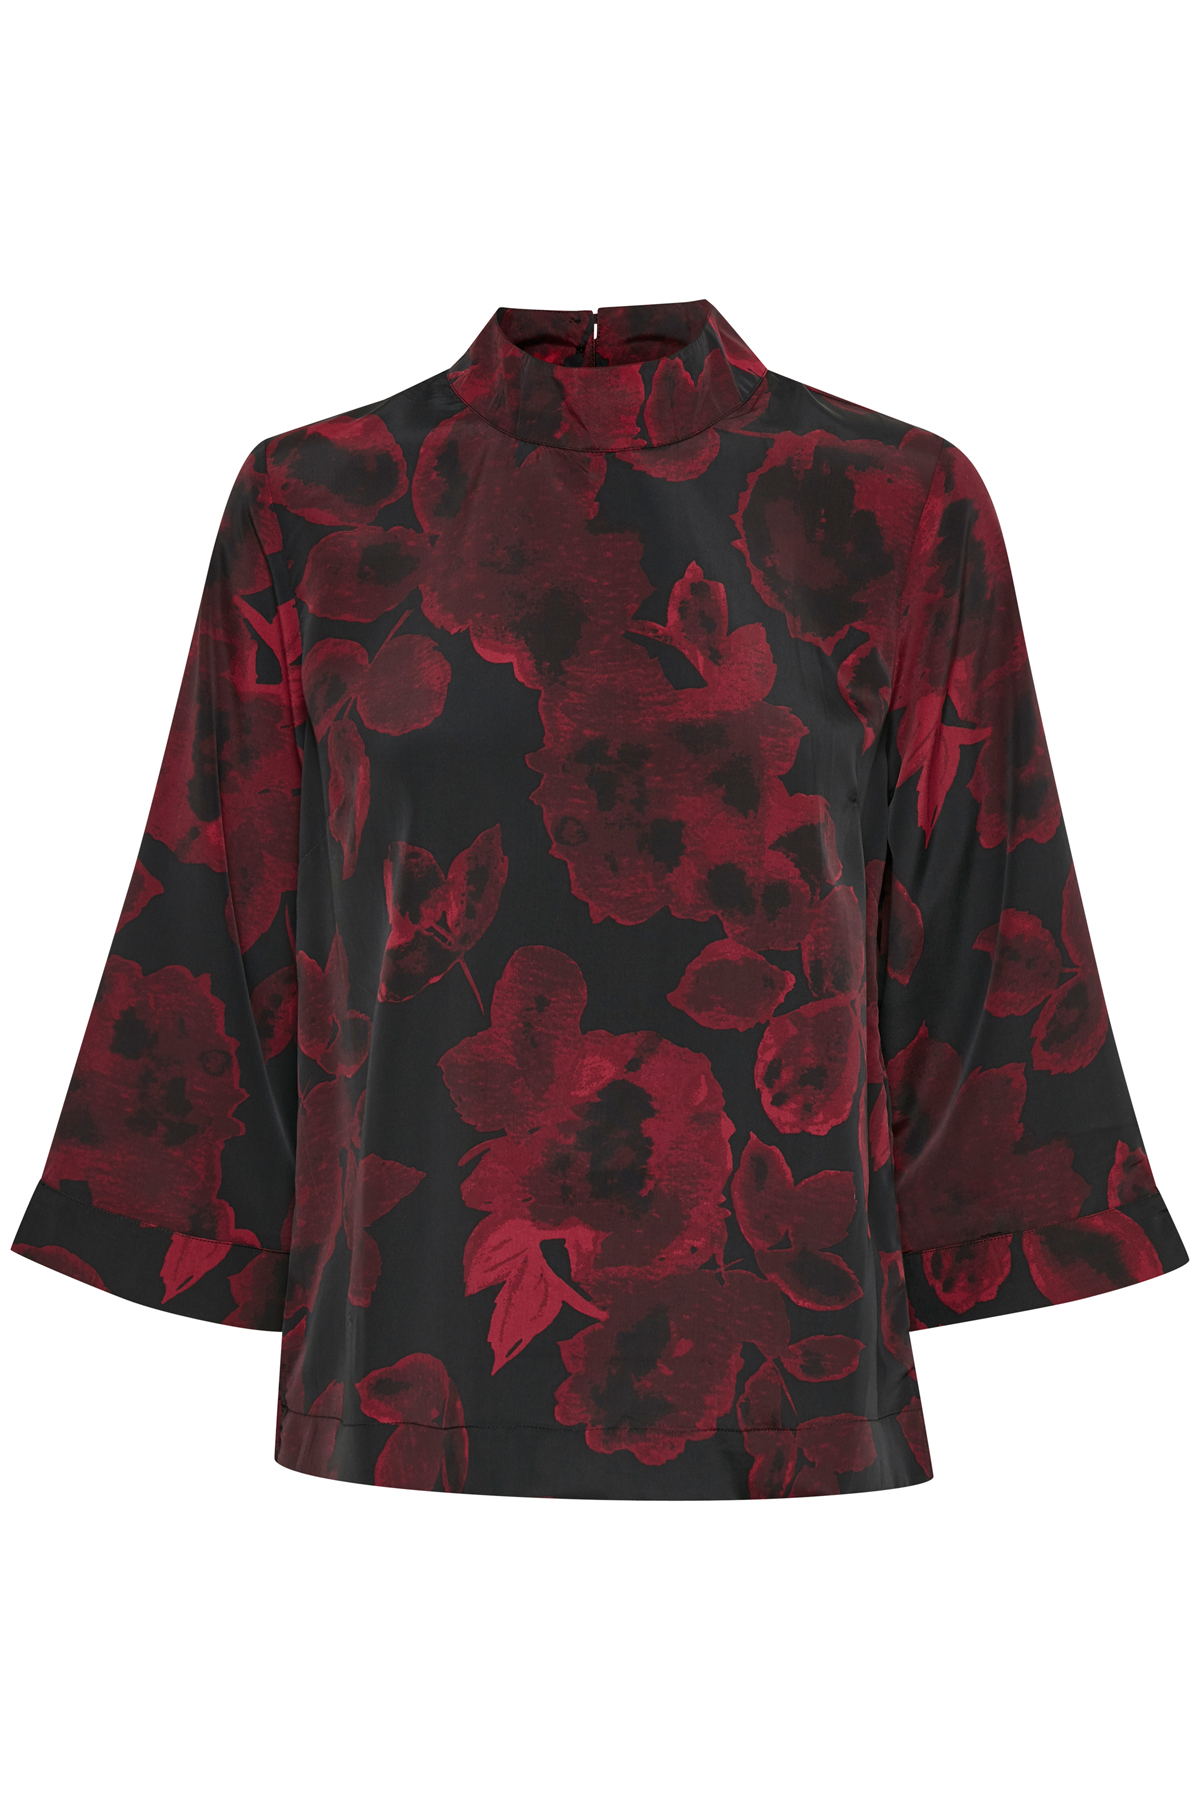 Sort/rød Kortærmet bluse fra Bon'A Parte – Køb Sort/rød Kortærmet bluse fra str. S-2XL her